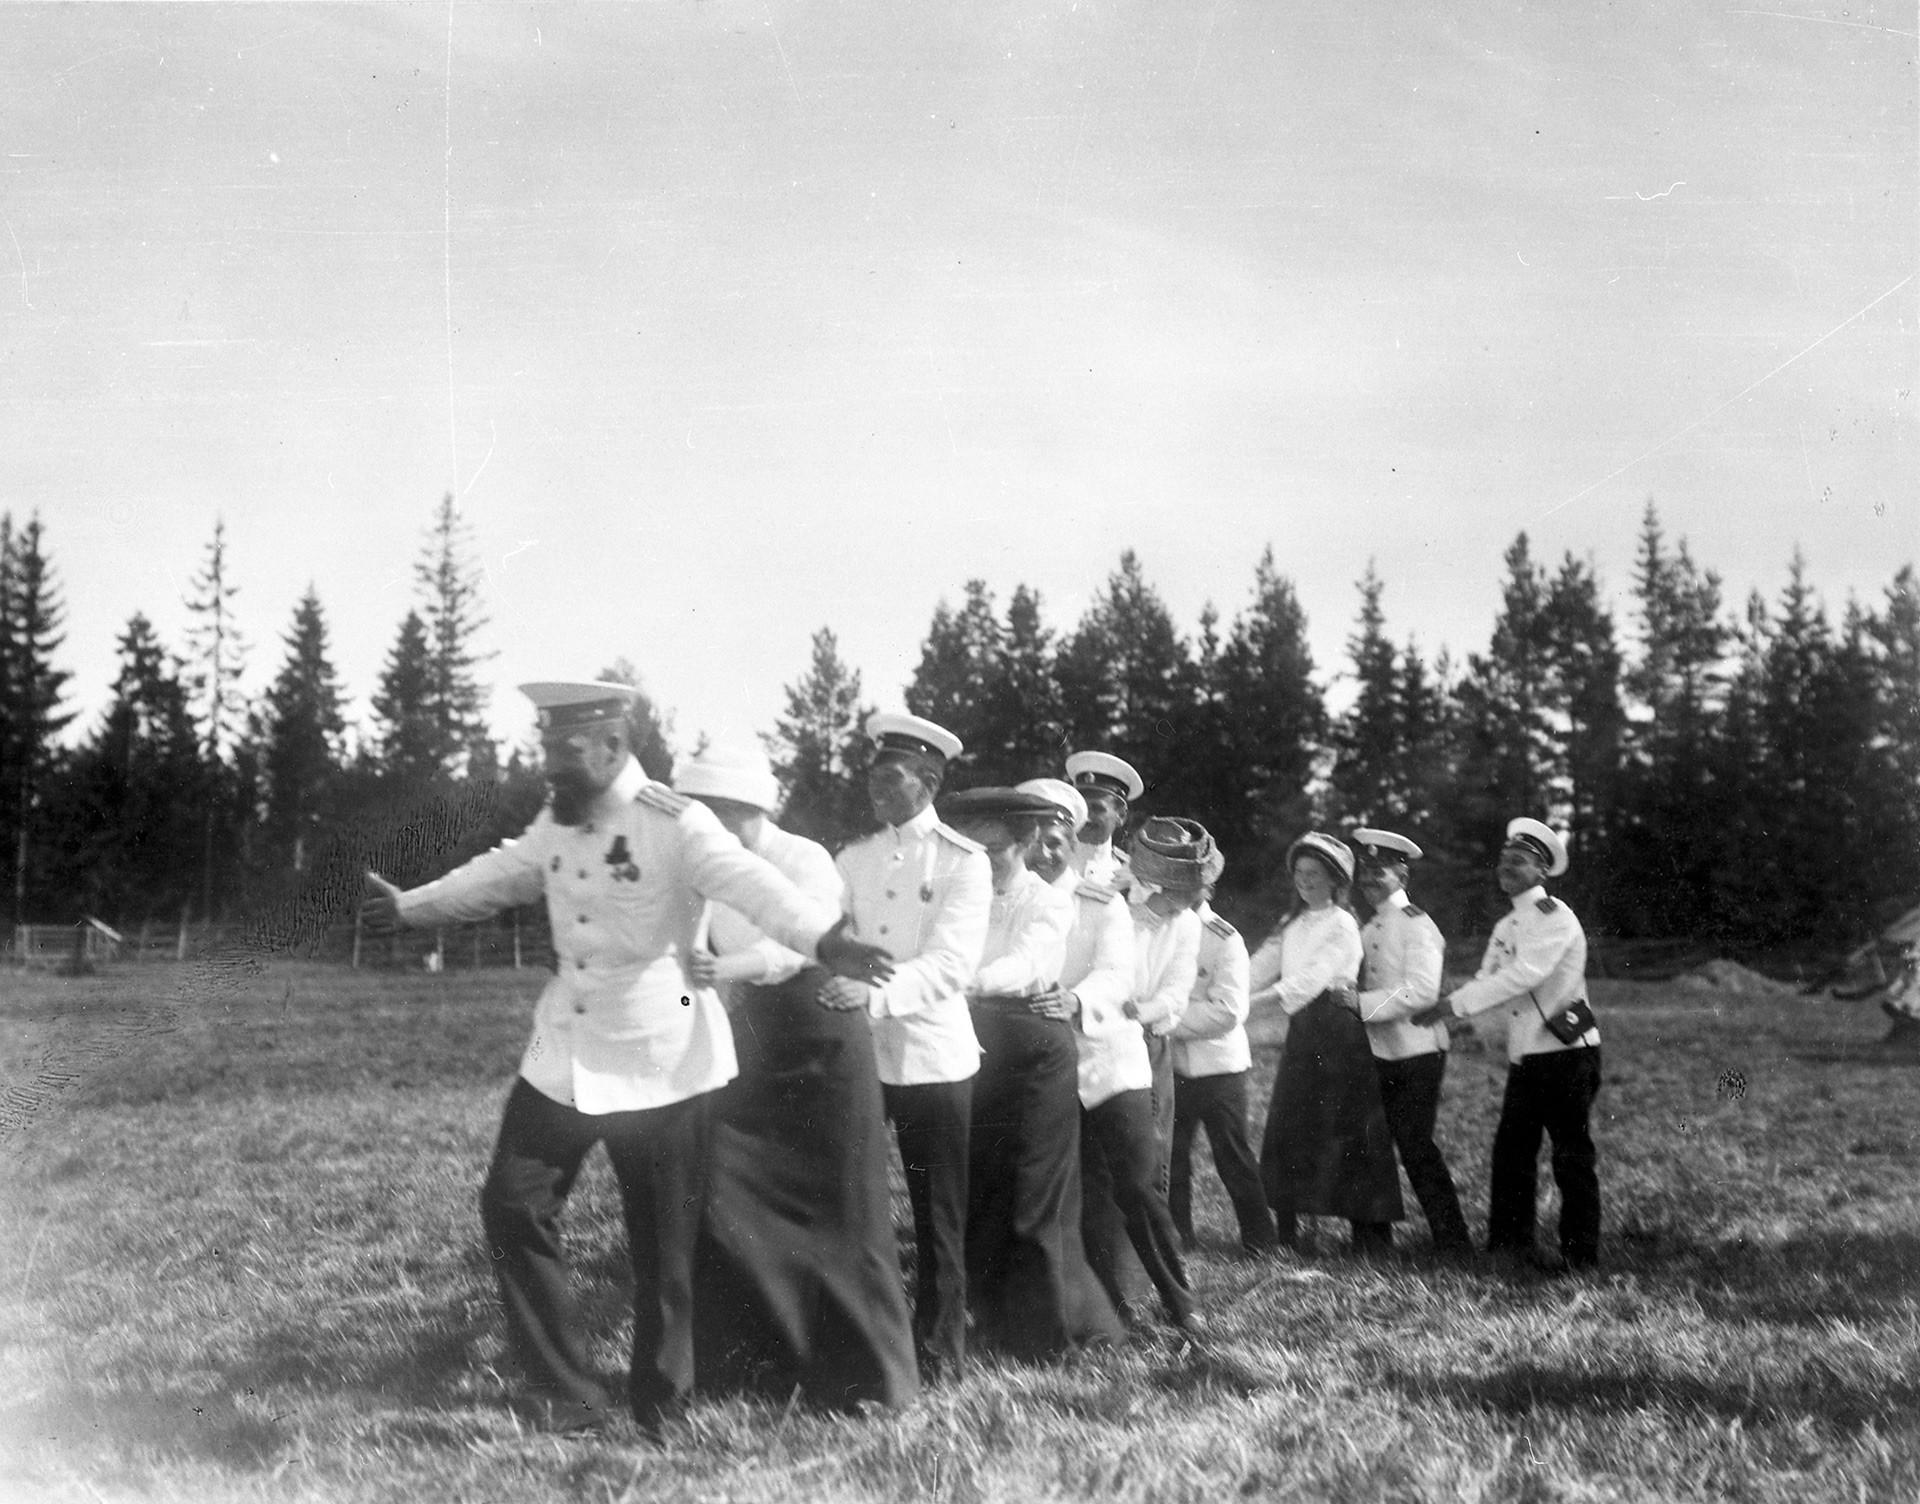 Momento de juego. Escollos finlandeses, 1911.